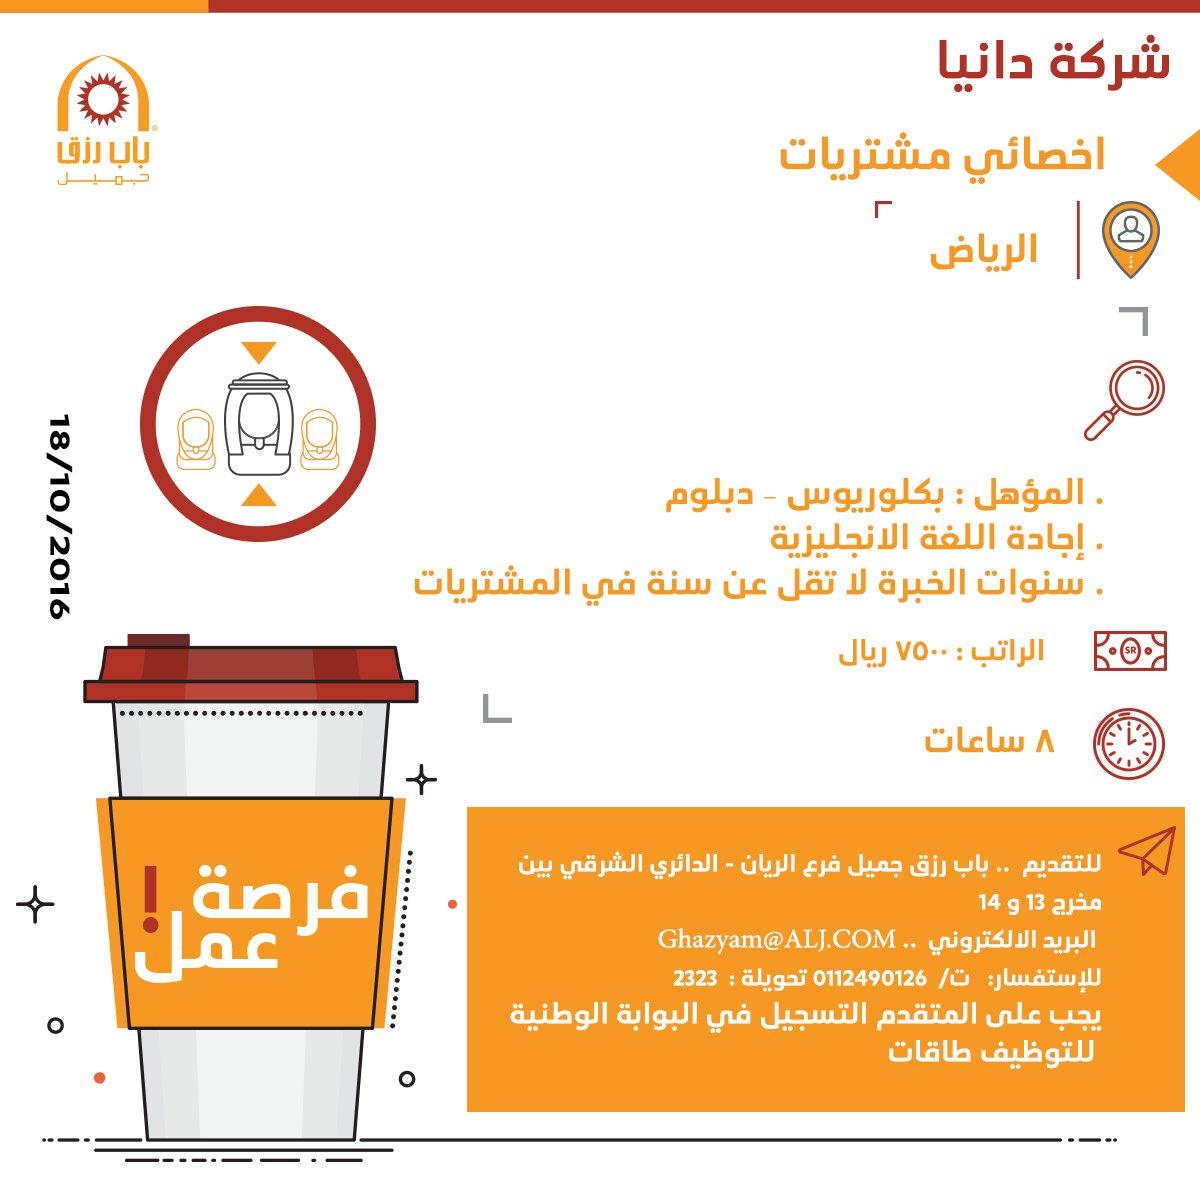 مطلوب أخصائي مشتريات لشركة دانيا - الرياض